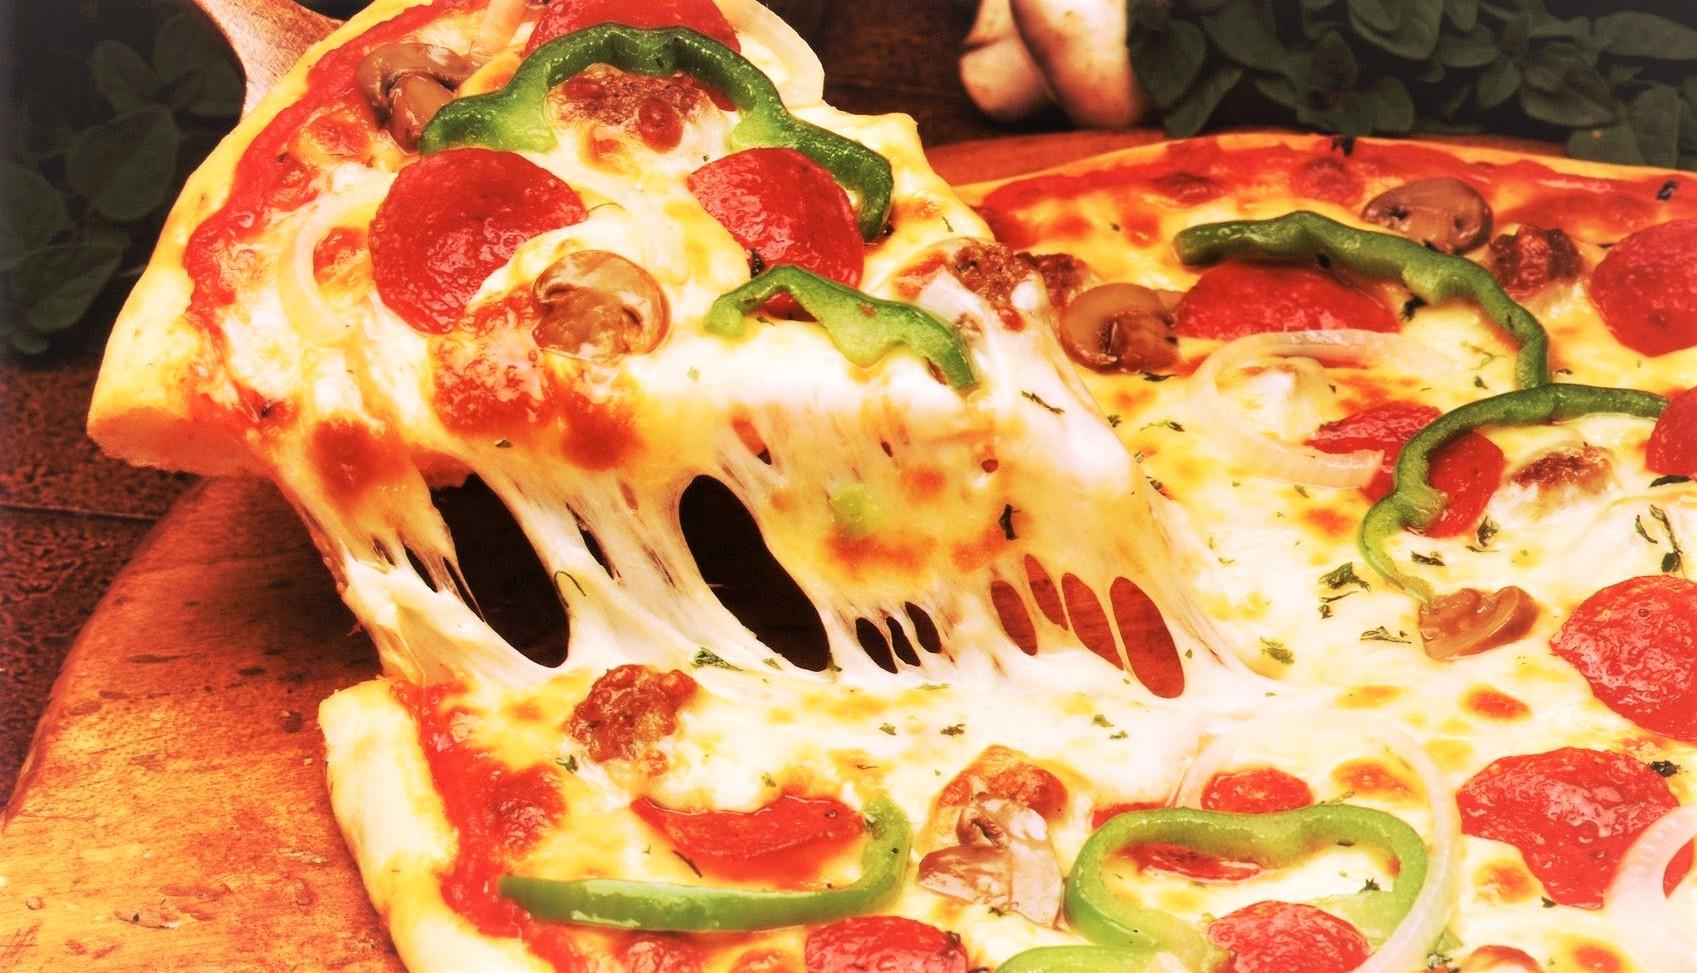 Où puis-je trouver la meilleure pizza en Tunisie ?